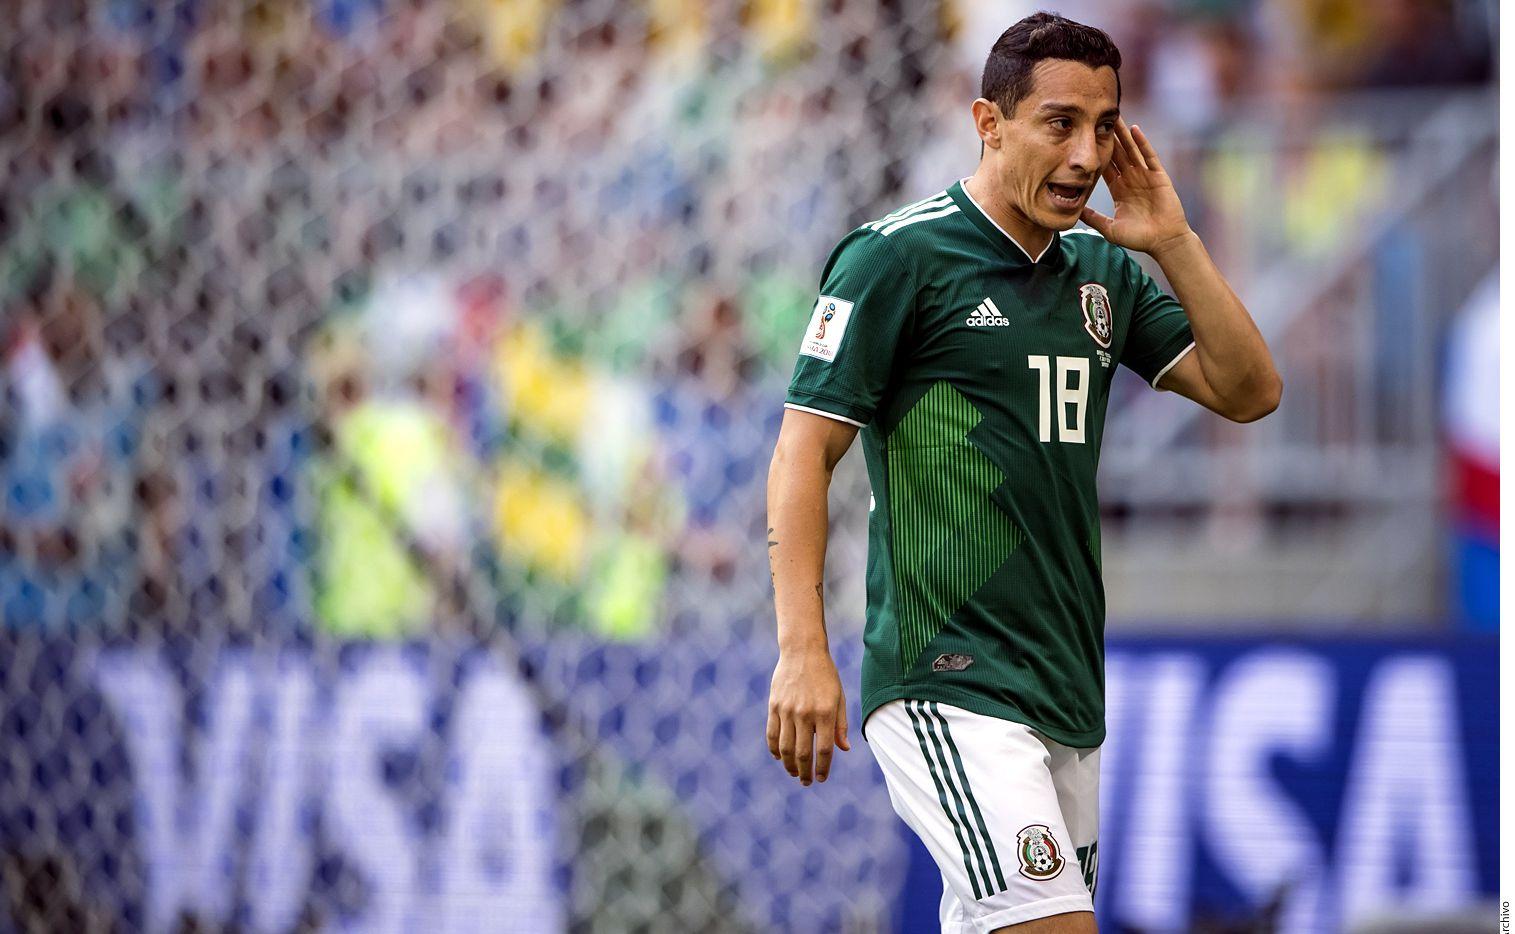 En una entrevista concedida al canal de LaLiga, Guardado (foto) y su compañero en el cuadro bético, Diego Lainez, hablaron sobre el futbolista mexicano y sus posibilidades de jugar en Europa. (AGENCIA REFORMA)